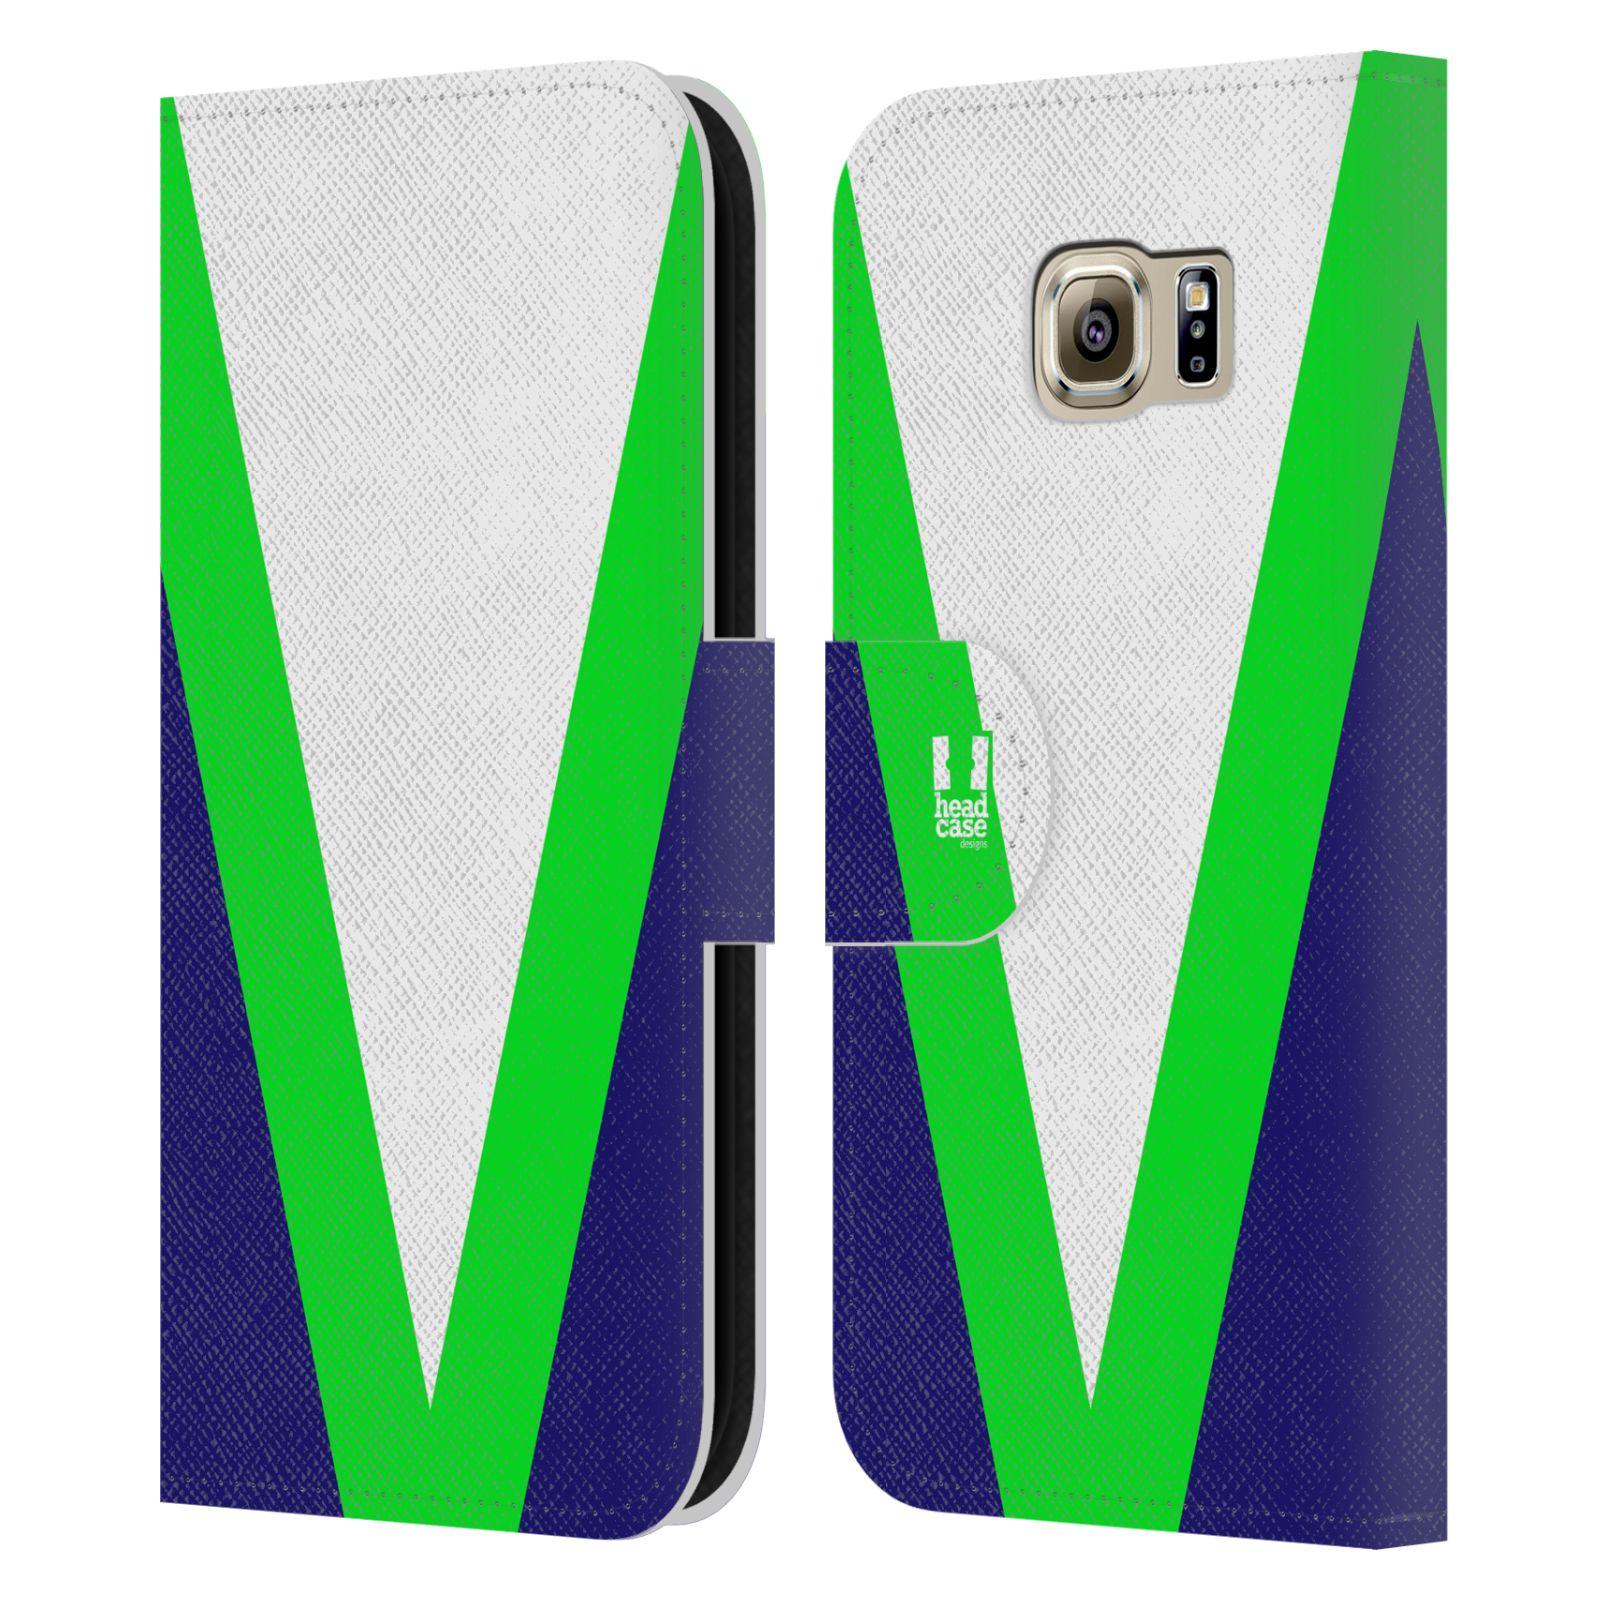 HEAD CASE Flipové pouzdro pro mobil Samsung Galaxy S6 barevné tvary zelená a modrá